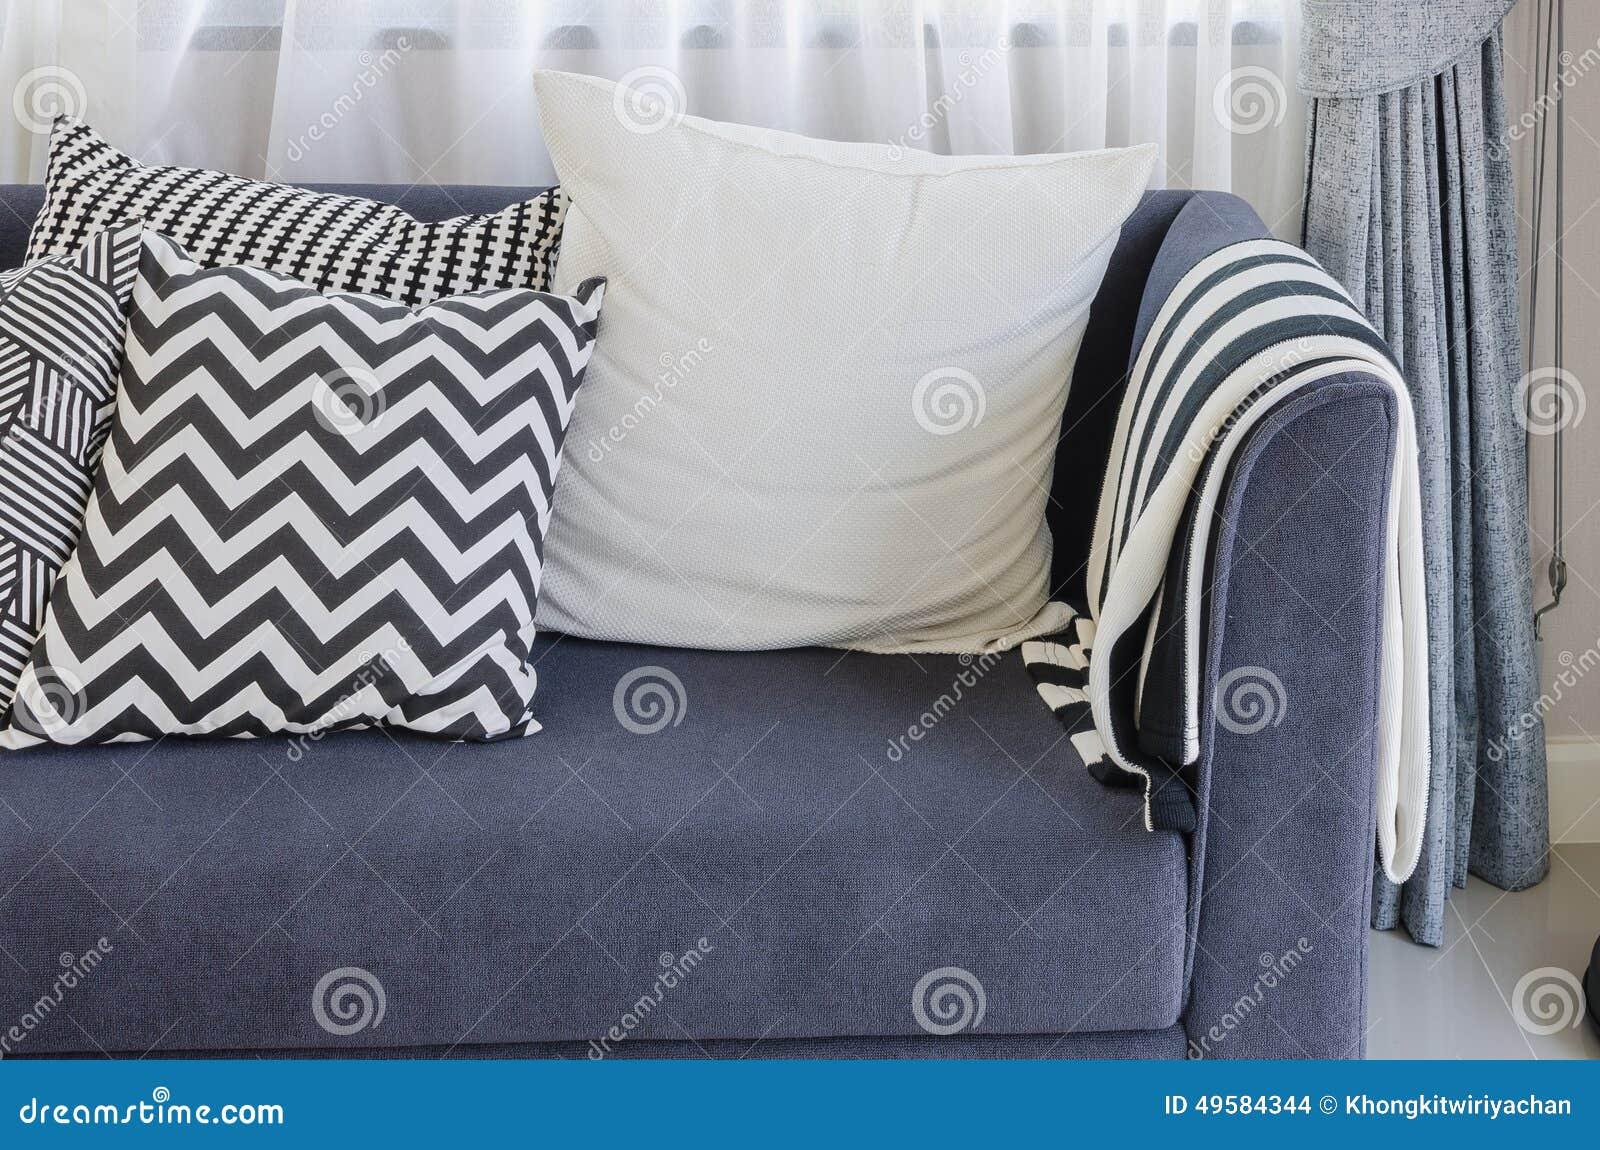 Schwarzweiss Kissen Auf Blauem Sofa Im Wohnzimmer Stockfoto